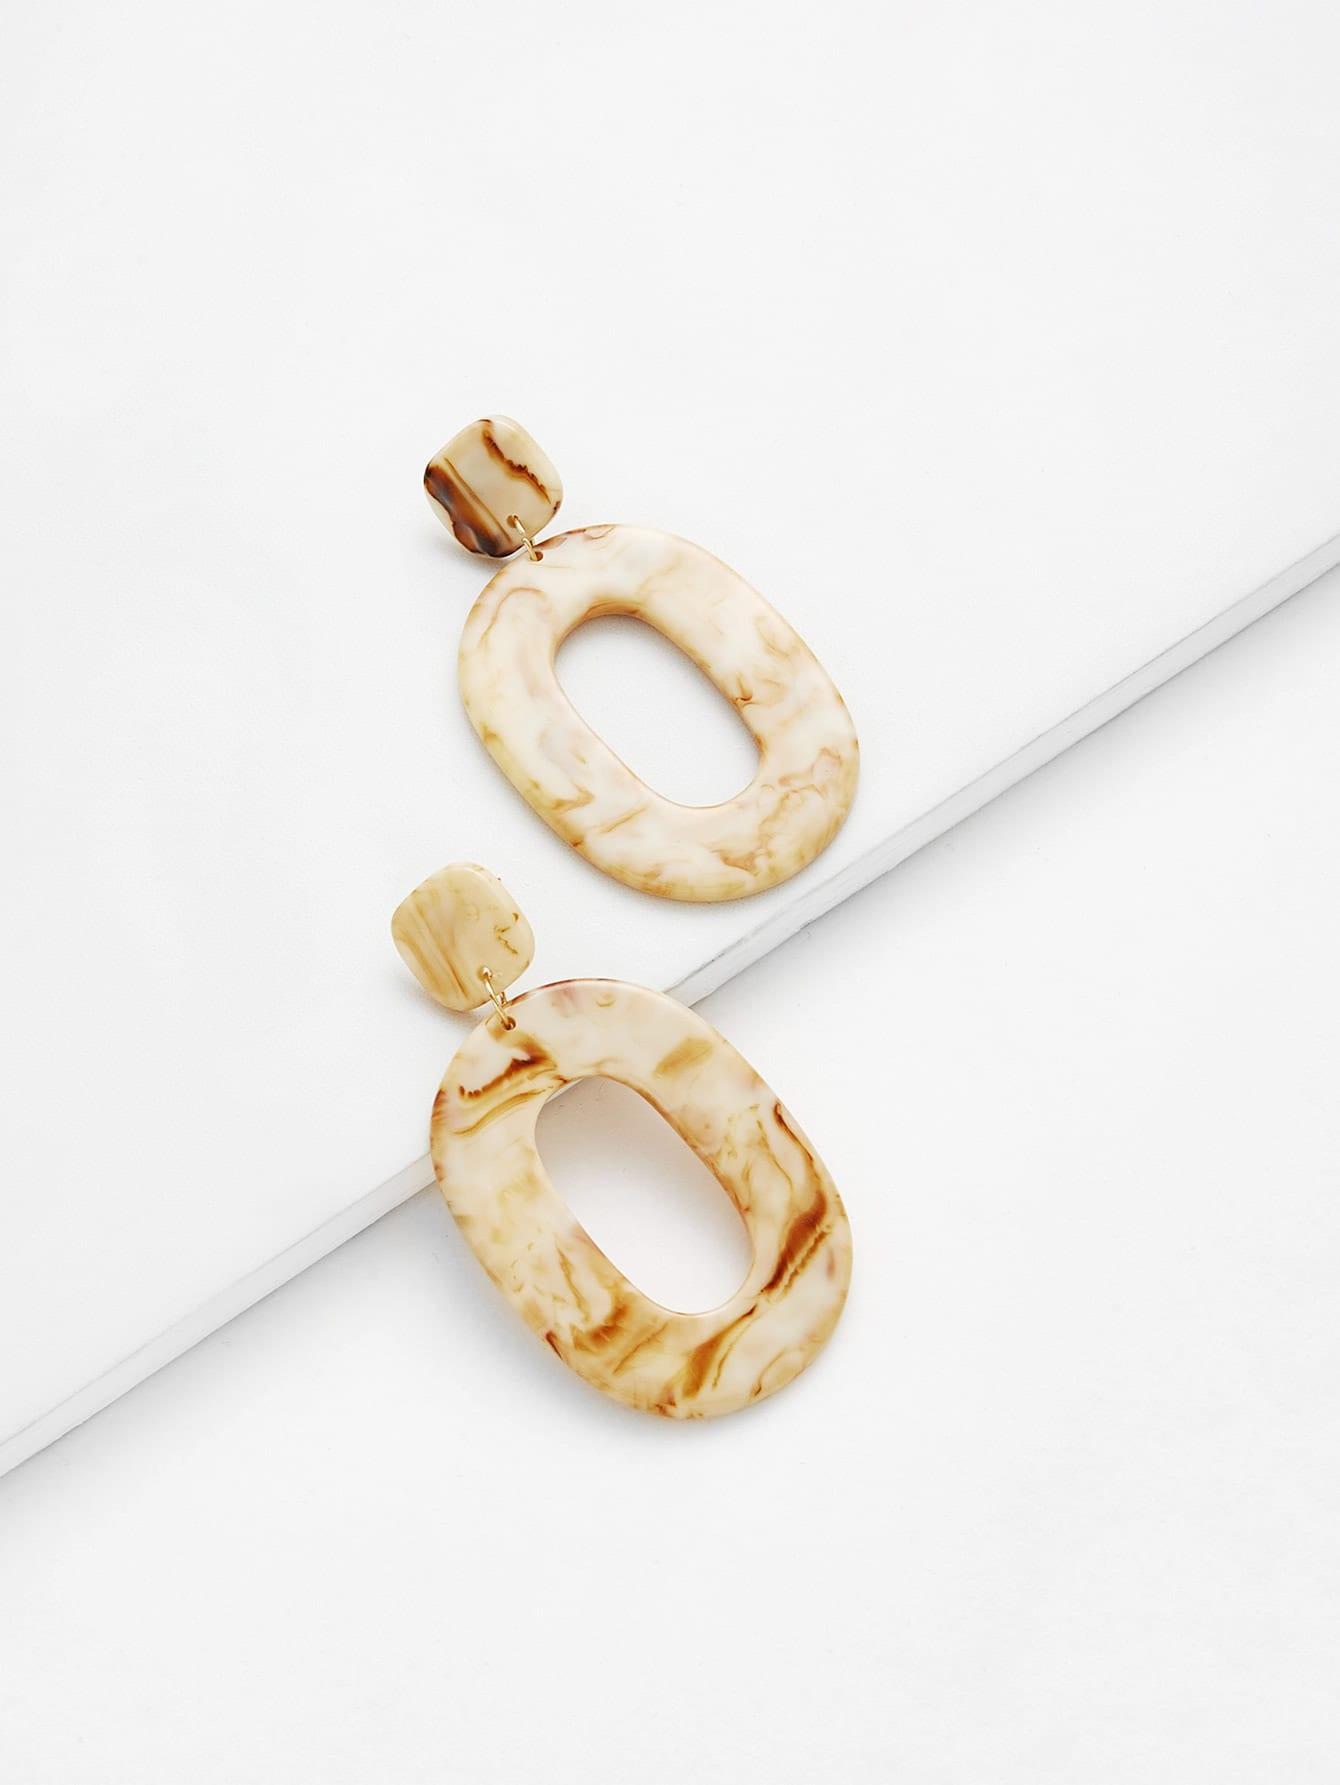 Ring Design Drop Earrings two tone cross design drop earrings